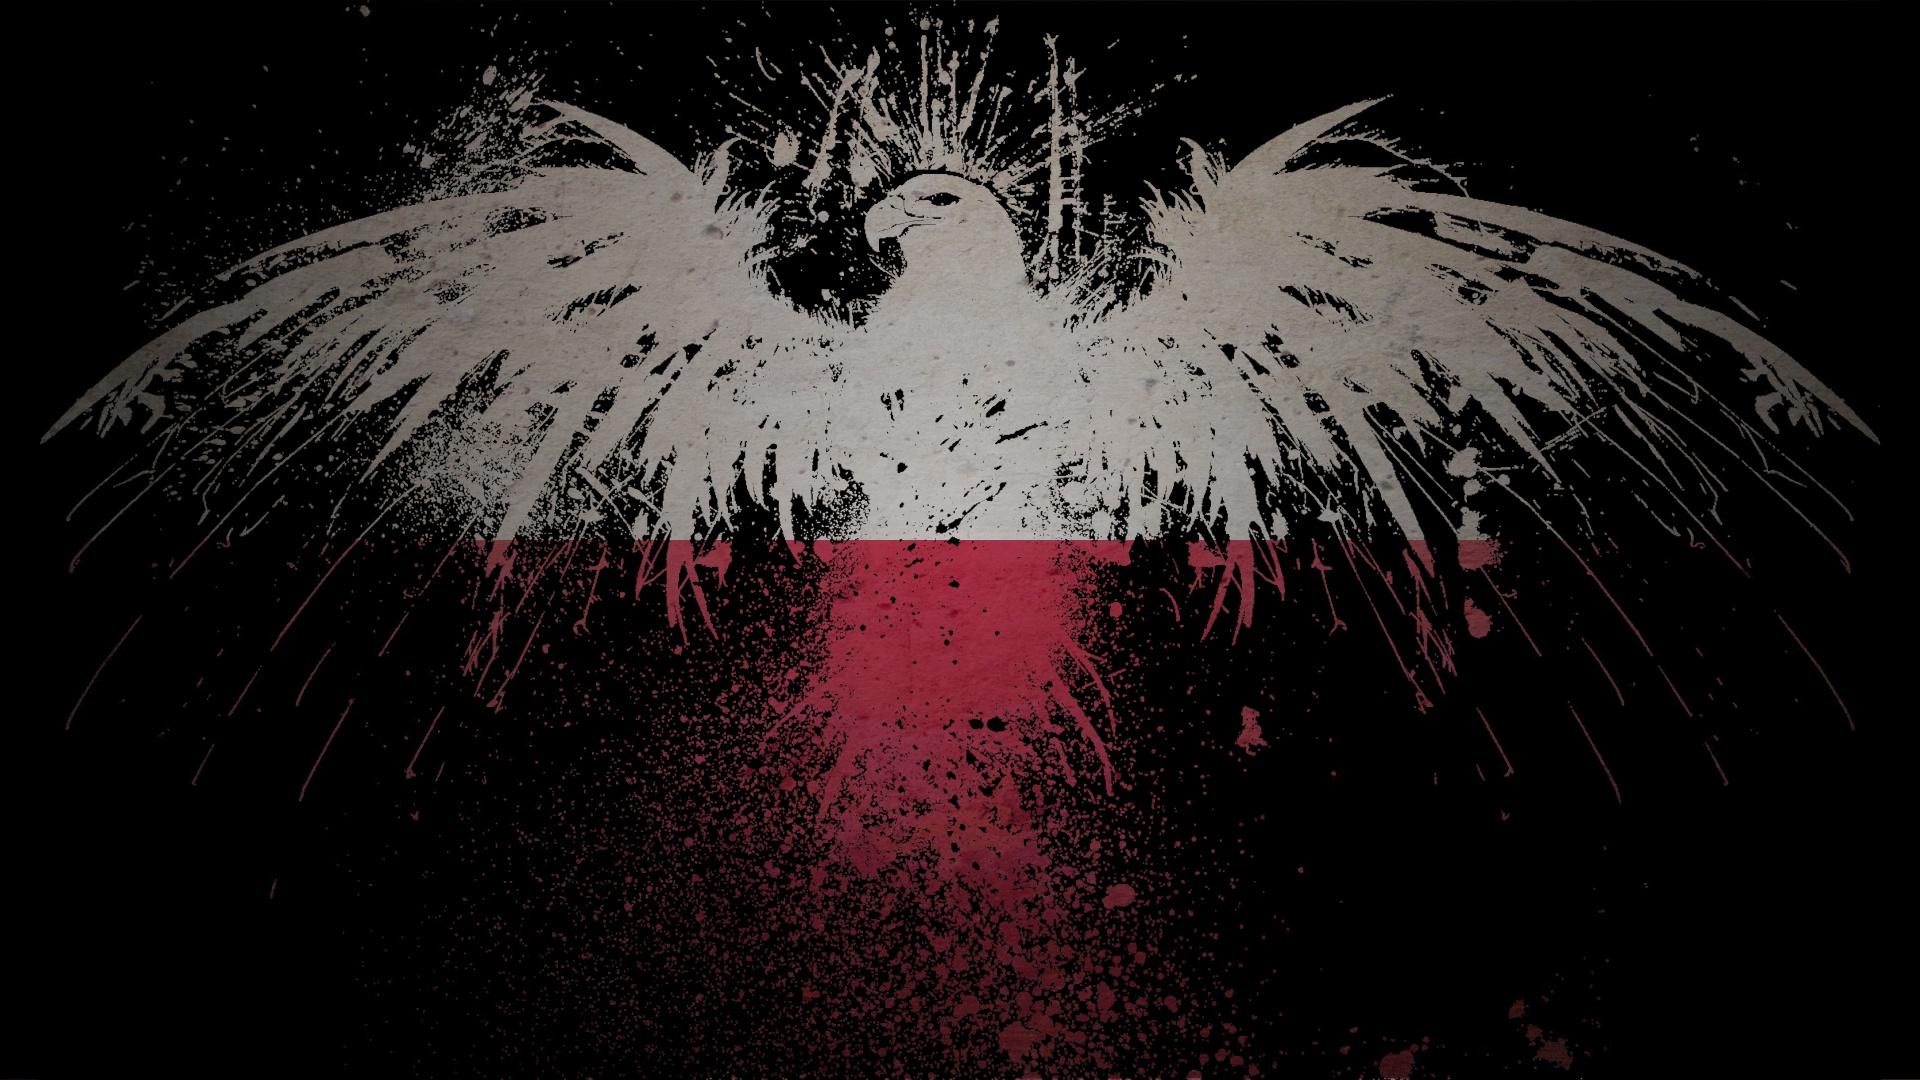 Eagles Flags Wallpaper 1920x1080 Eagles Flags Polish Poland 1920x1080